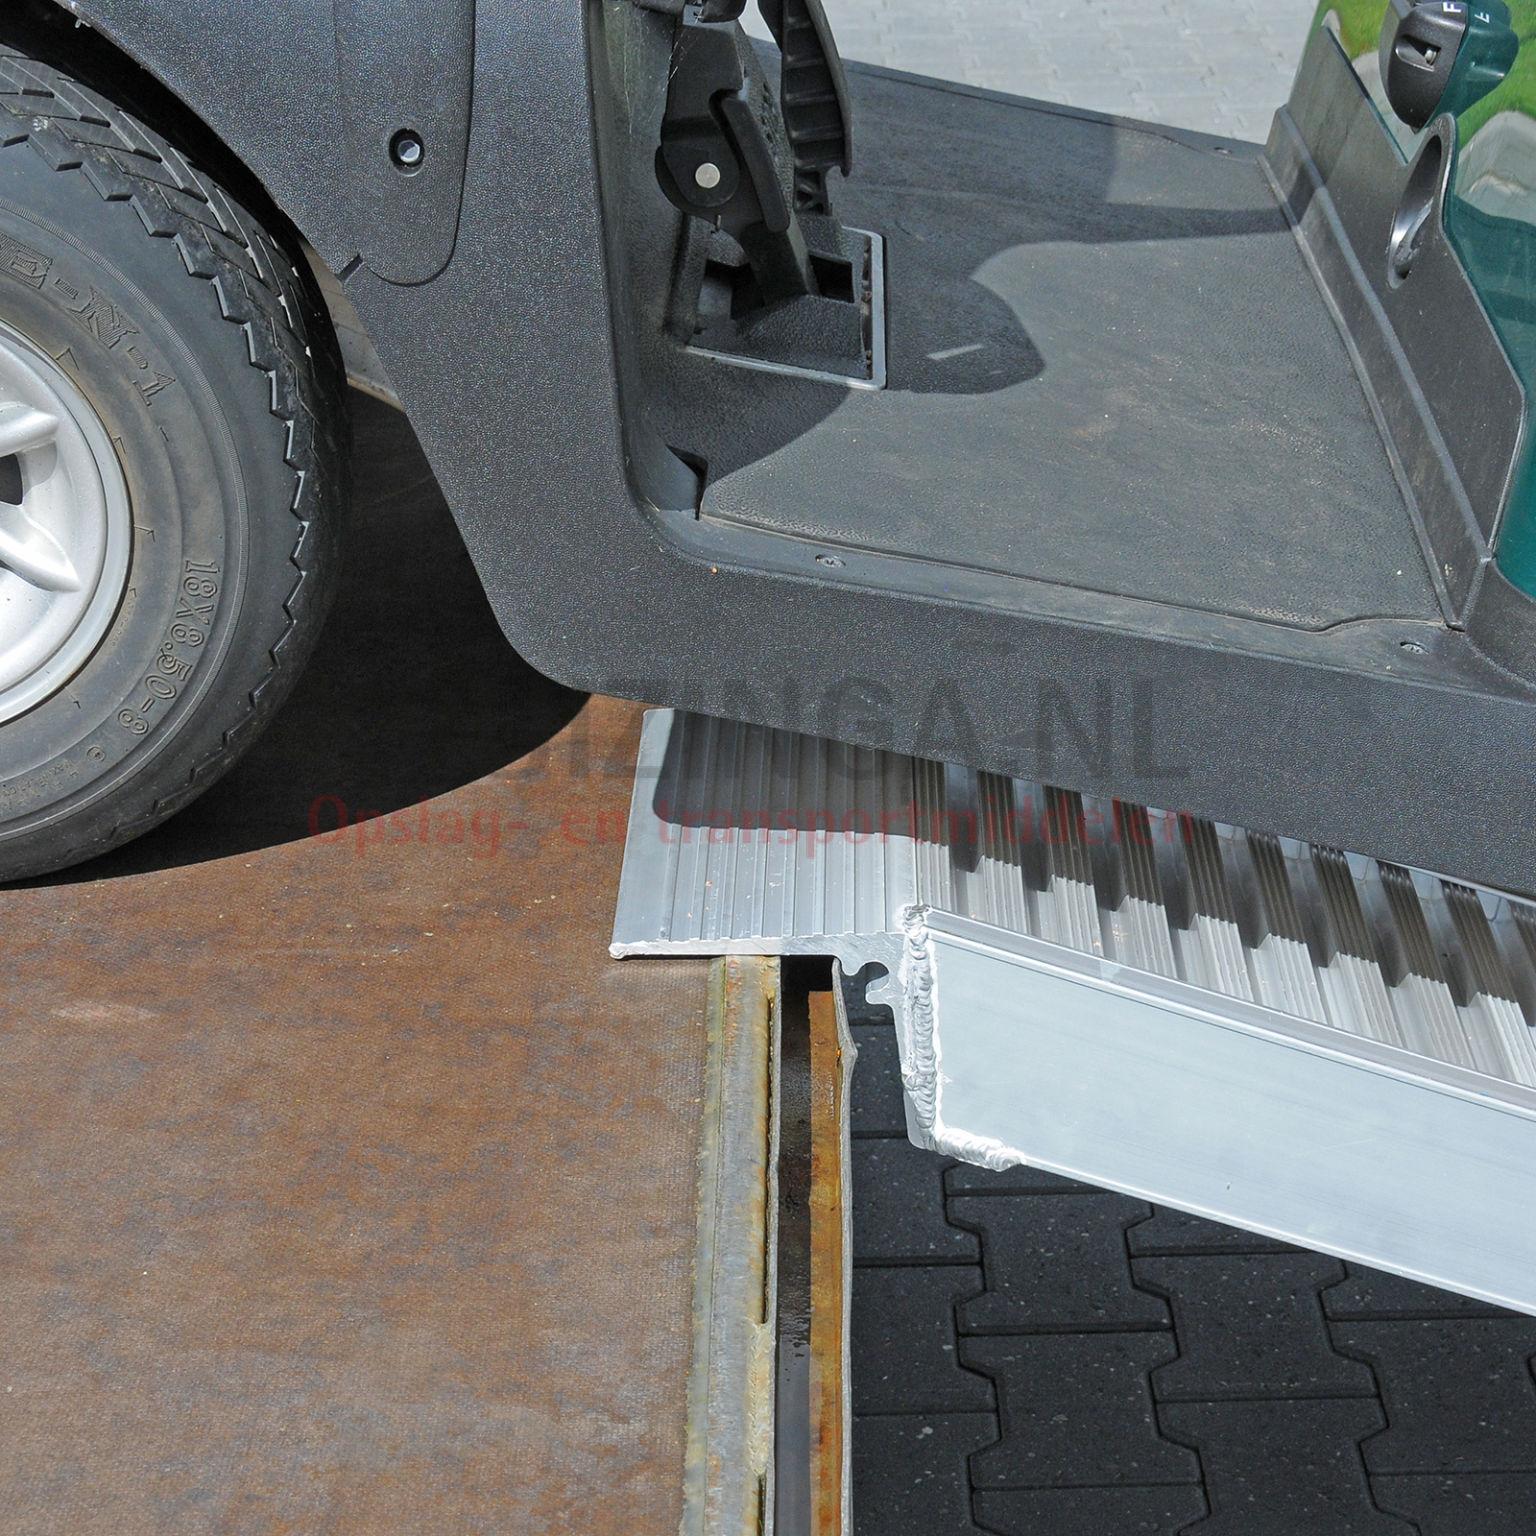 verladeschienen auffahrrampen auffahrrampe aluminium 230 cm pro st ck gebraucht ab 236. Black Bedroom Furniture Sets. Home Design Ideas